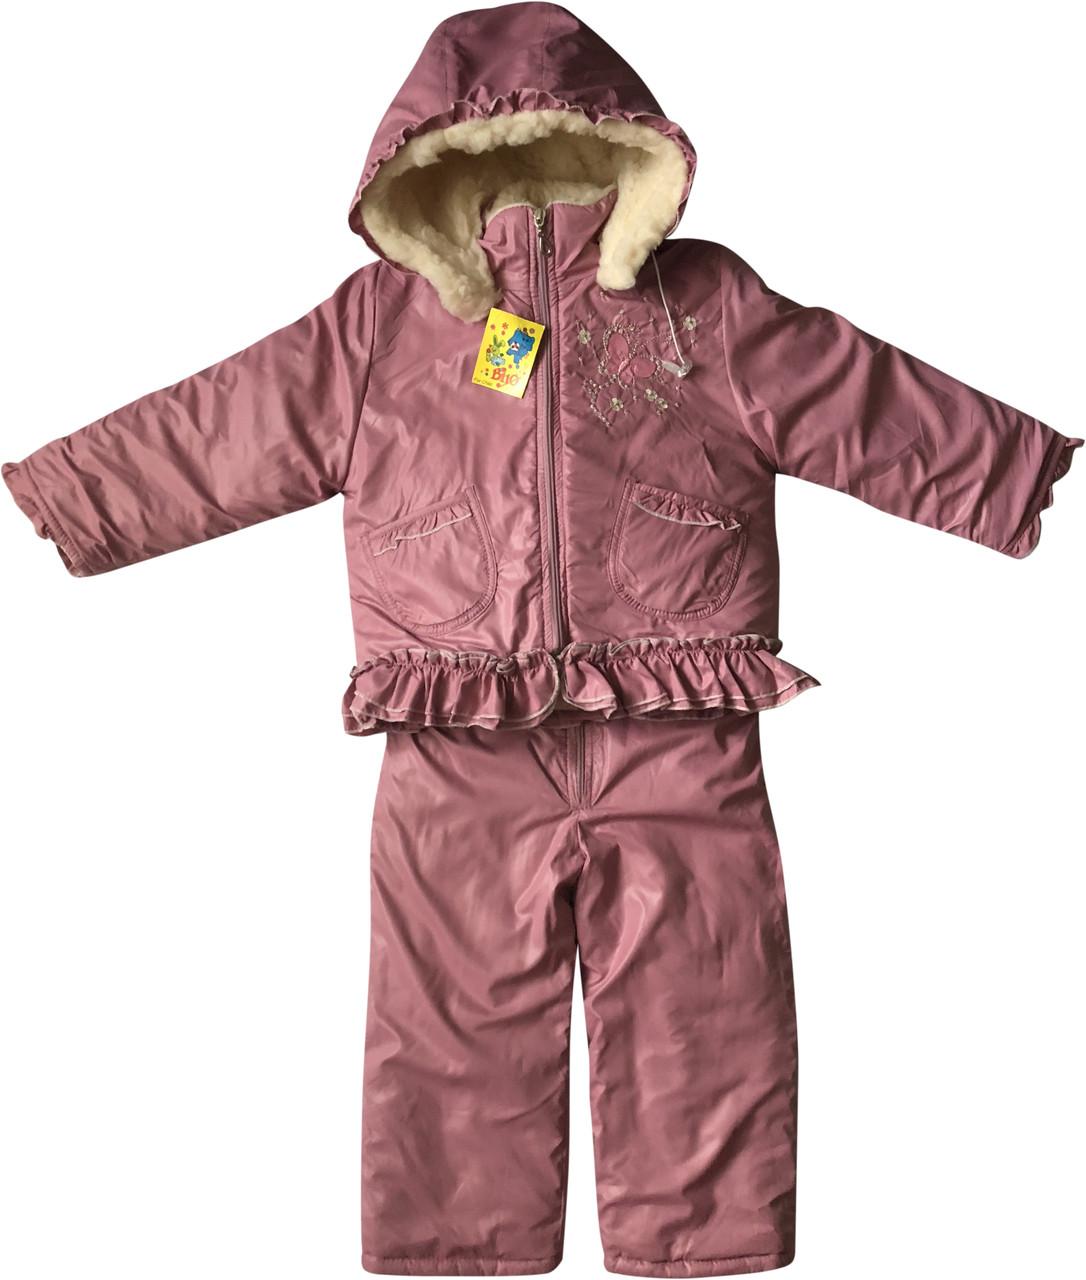 Зимовий комбінезон на дівчинку ріст 92 1,5-2 роки для малюків дітей дитячий роздільний пудровий рожевий